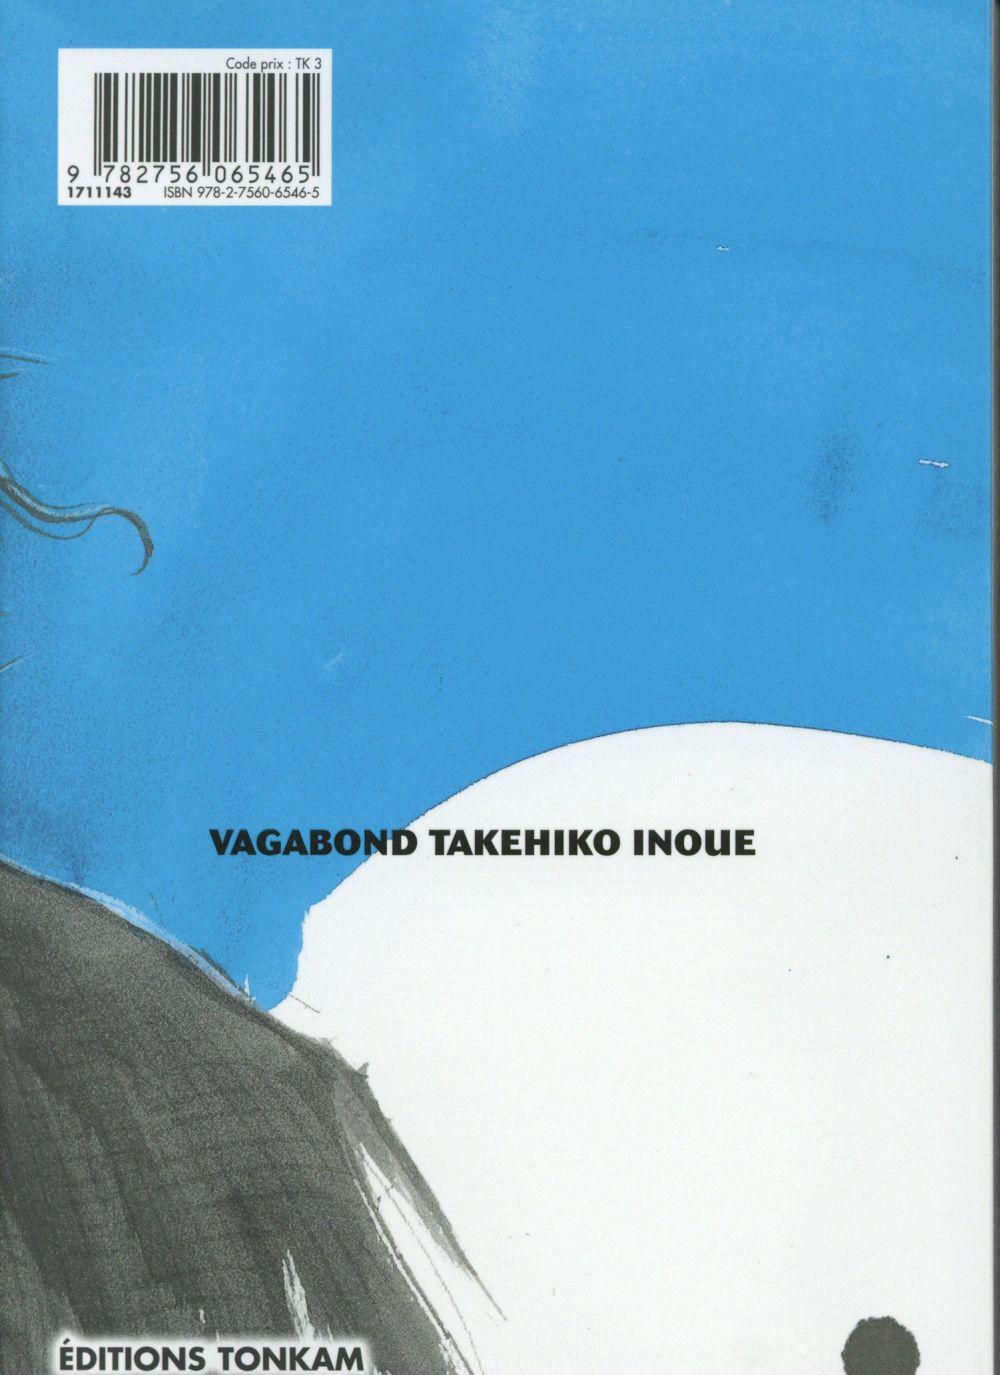 Vagabond t.37